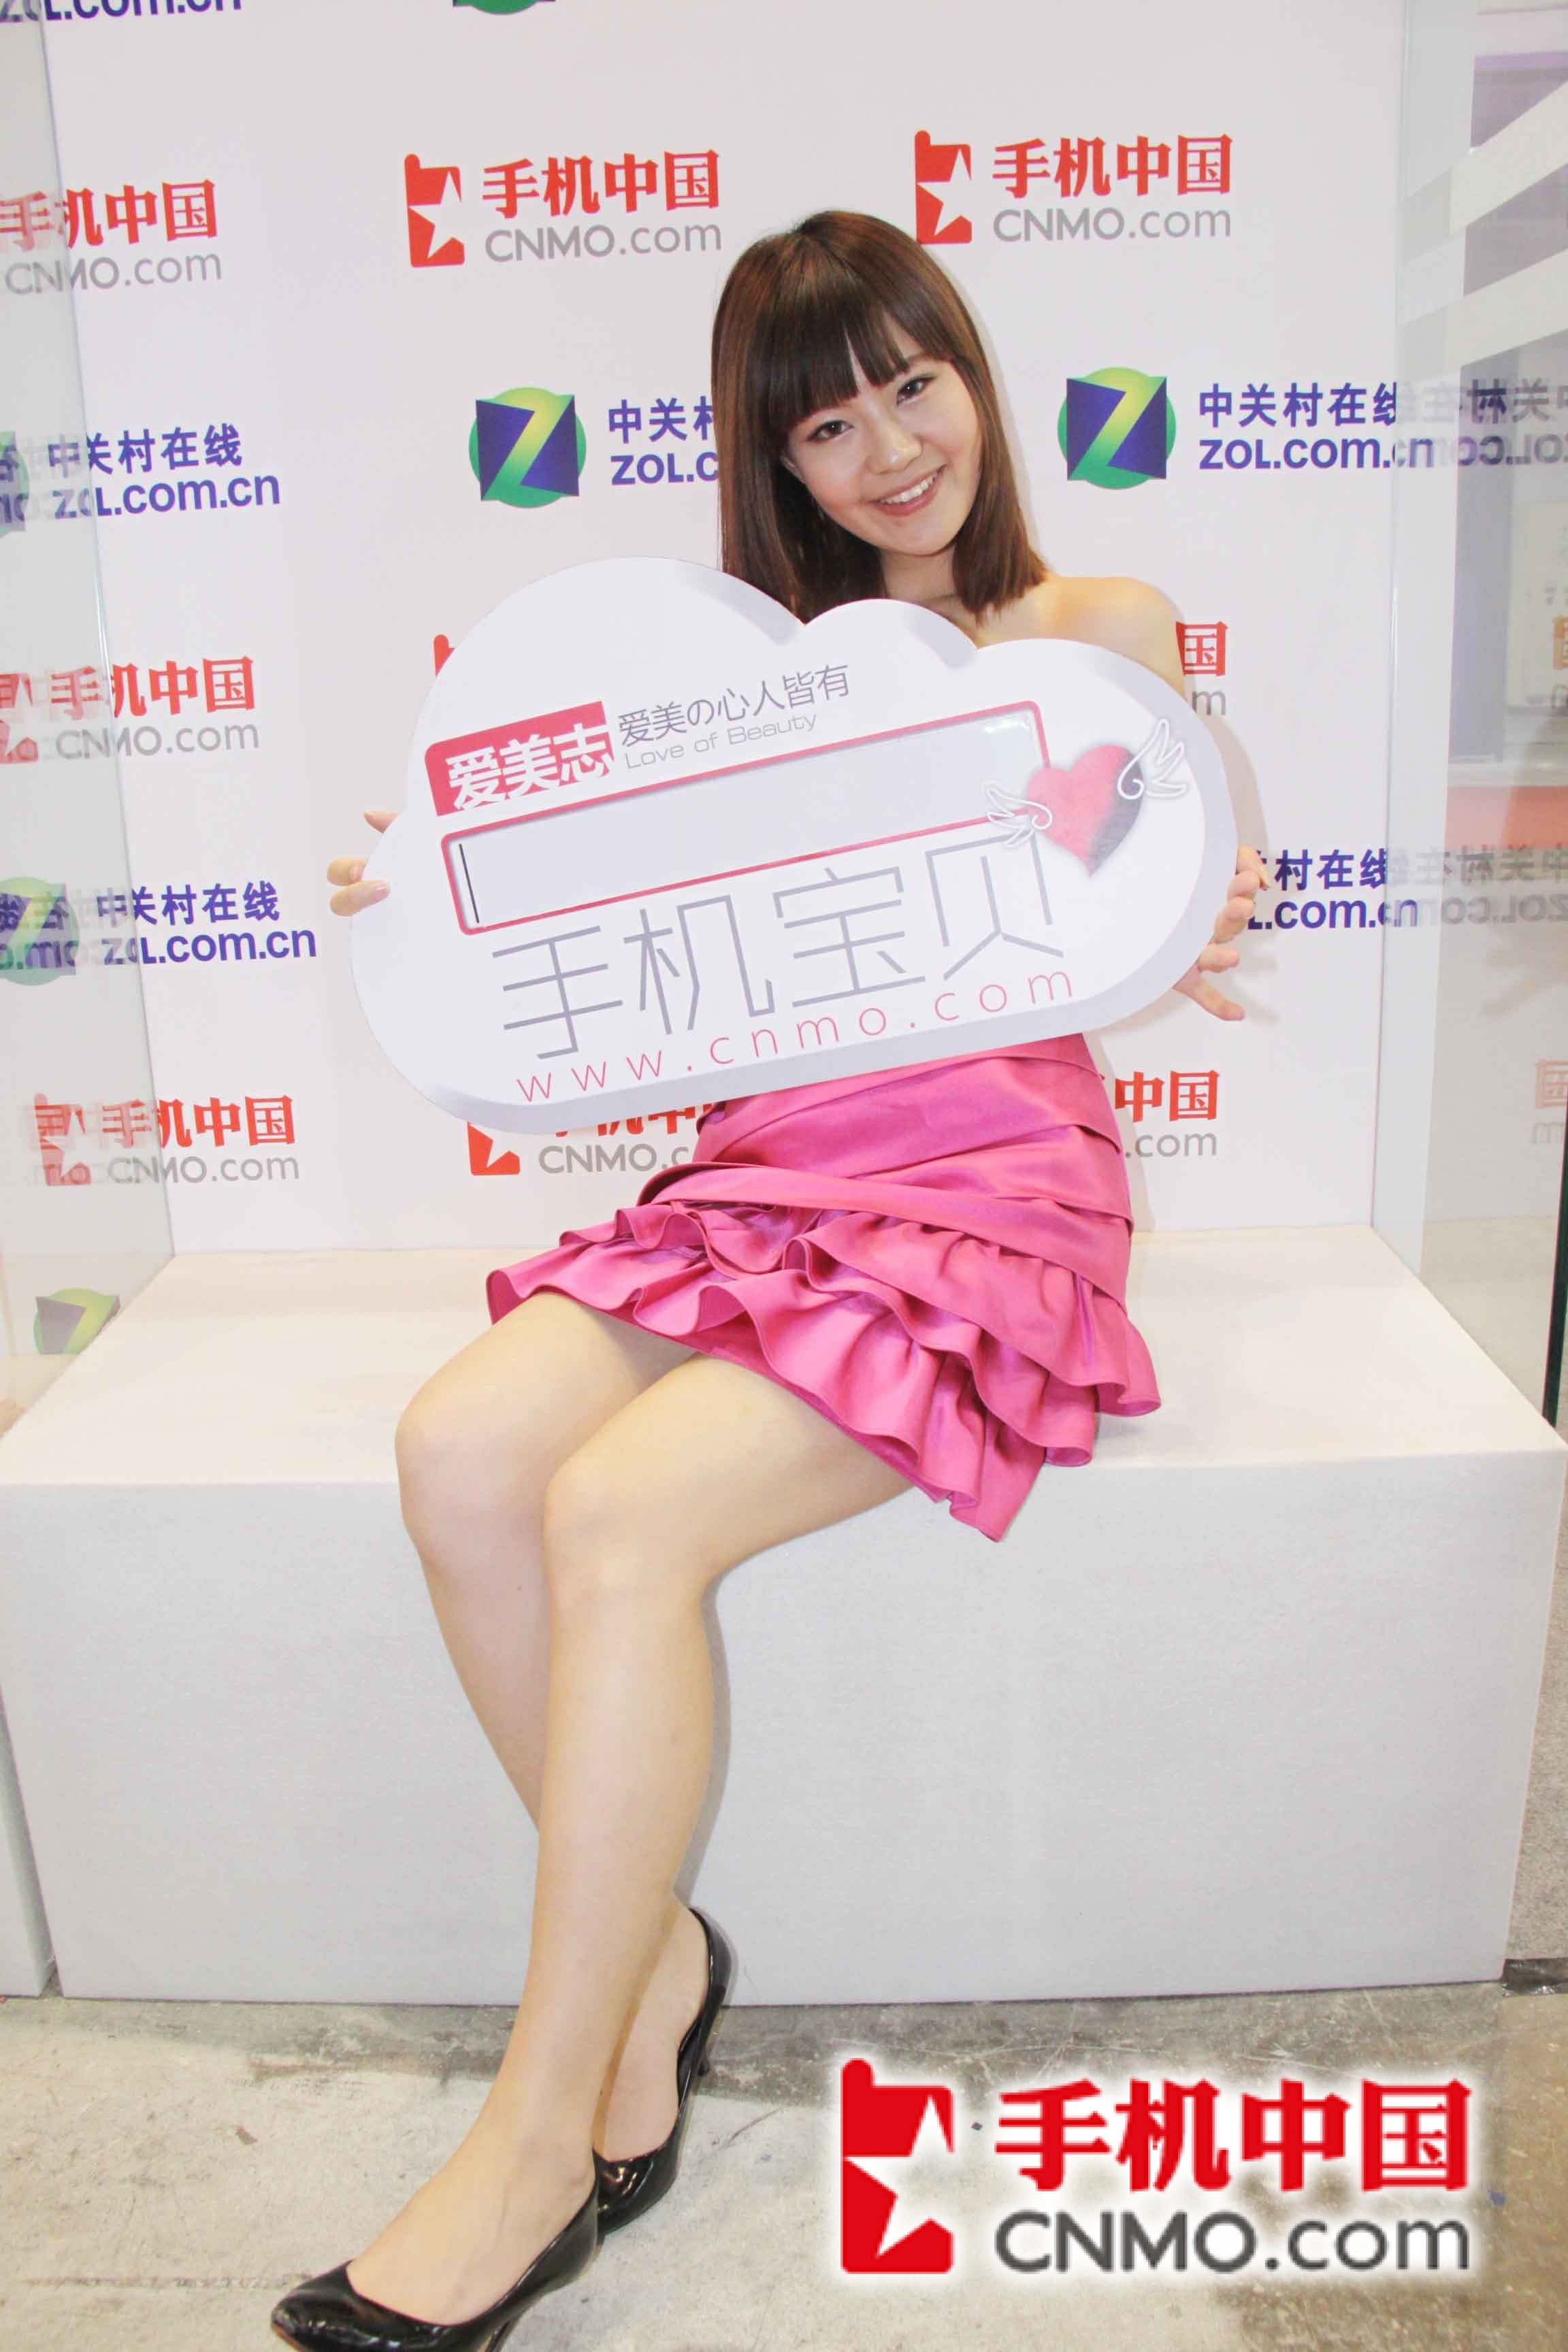 2011通信展:手机中国娃娃脸可爱宝贝秀